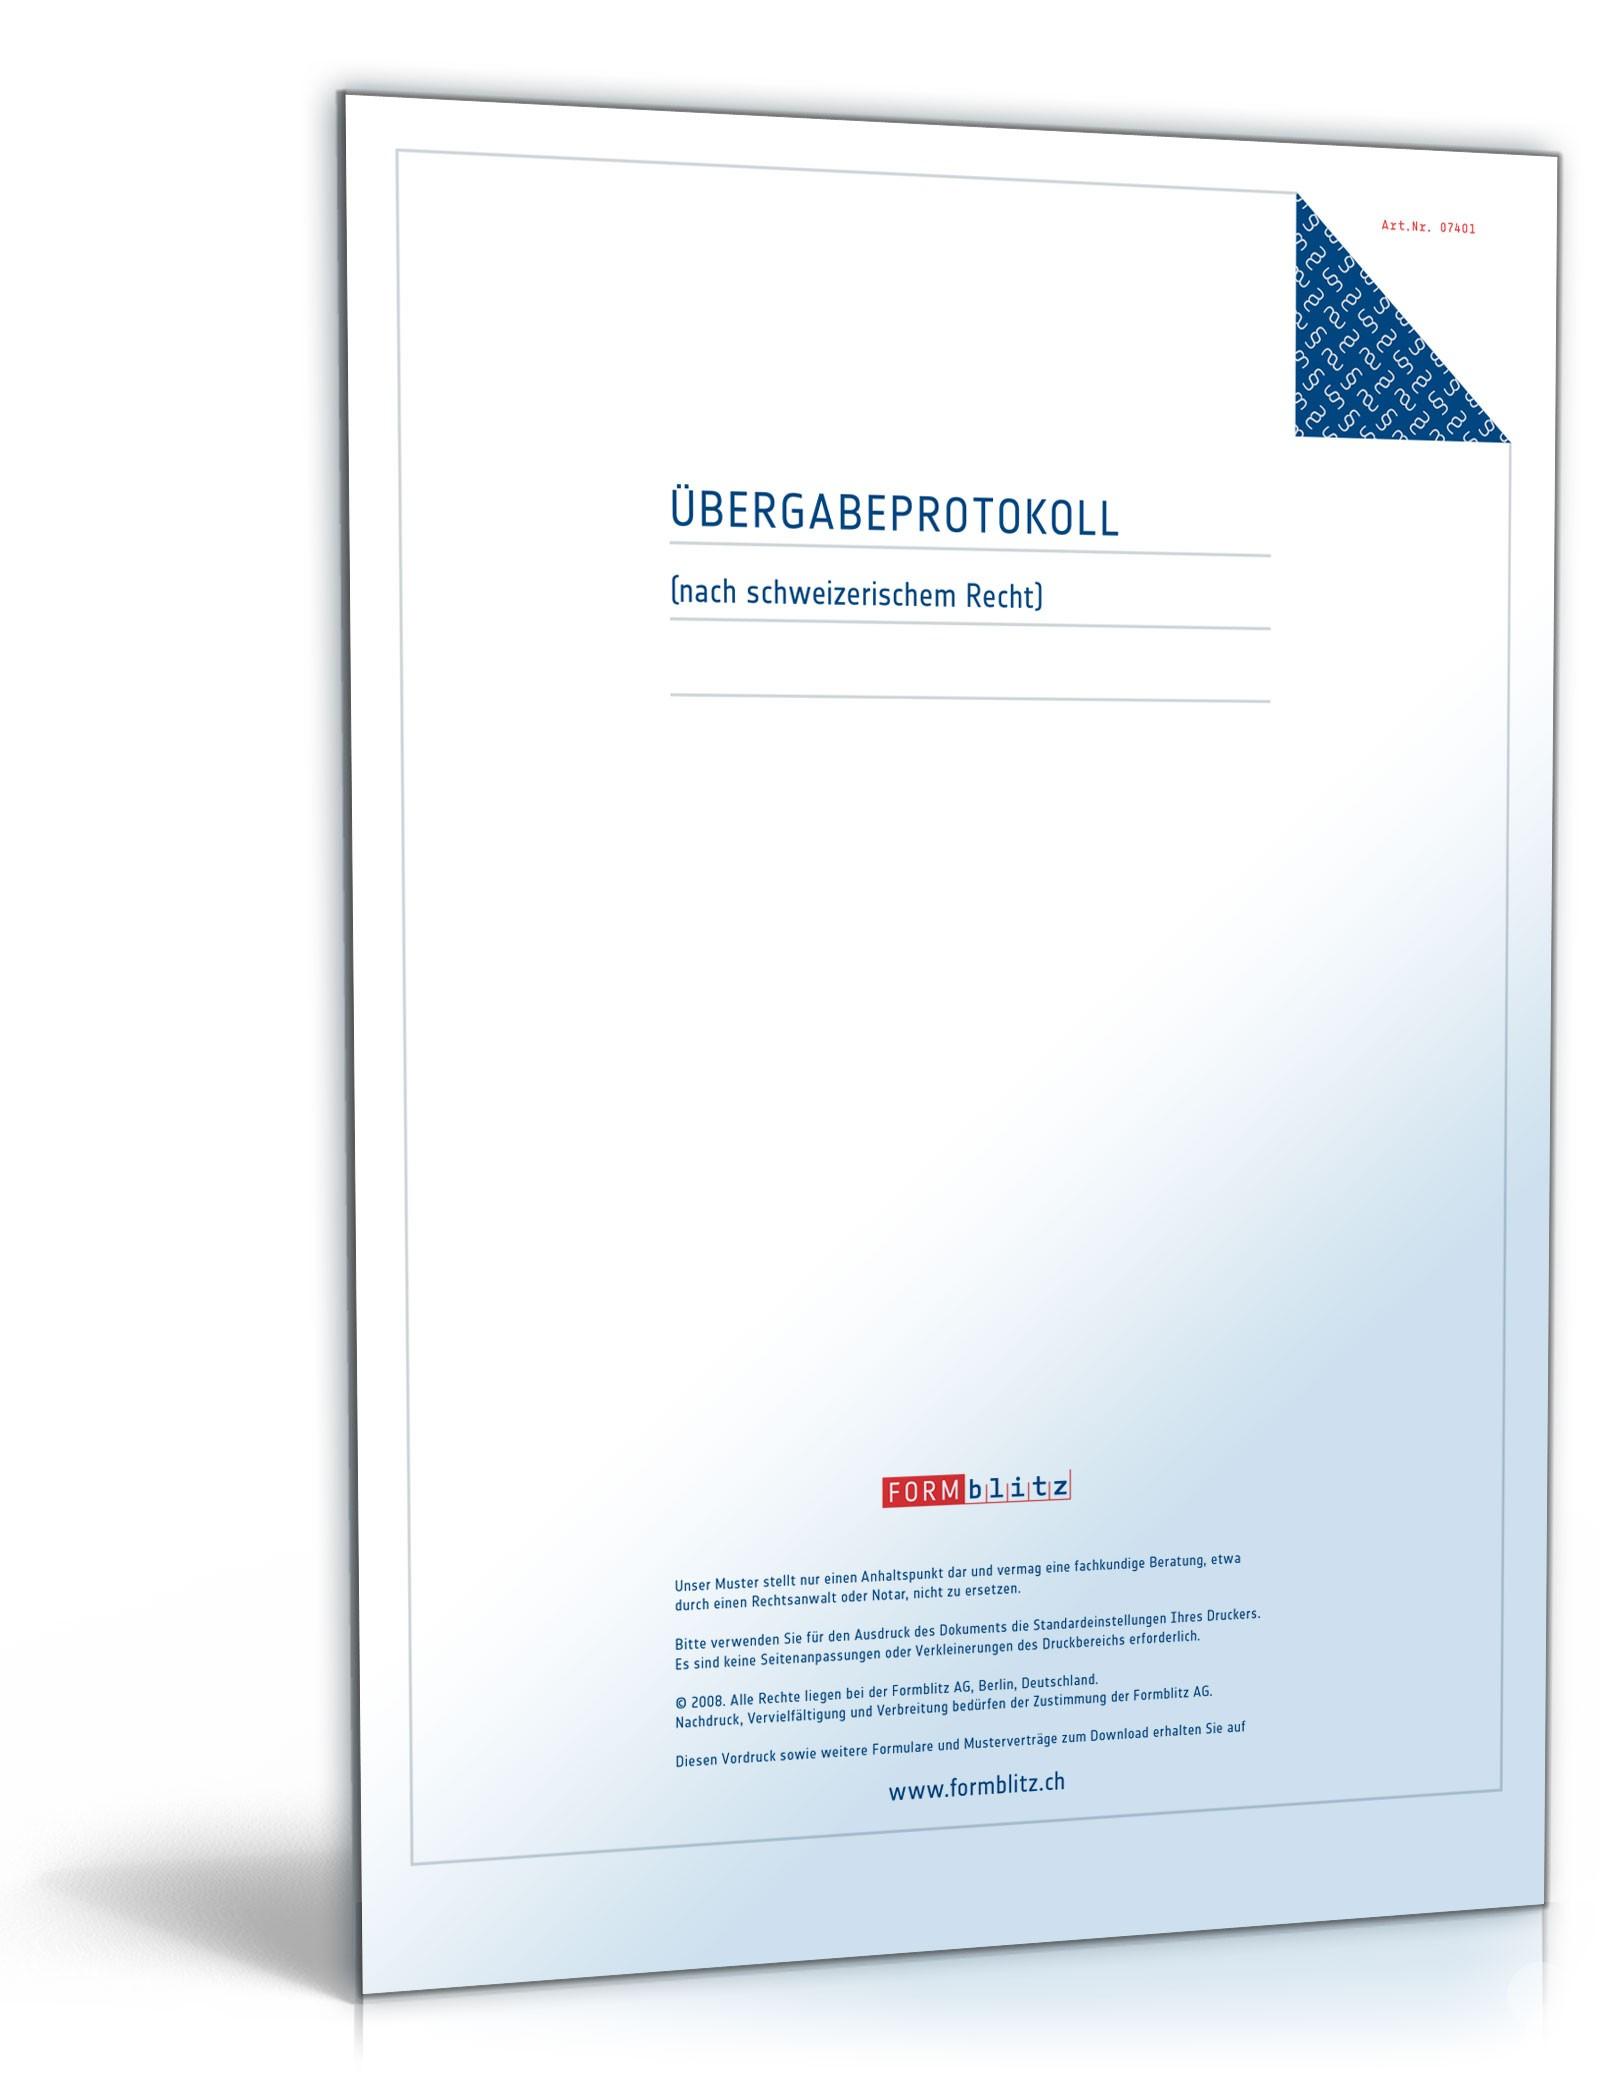 bergabeprotokoll als anlage eines mietvertrages - Ubergabeprotokoll Wohnung Muster